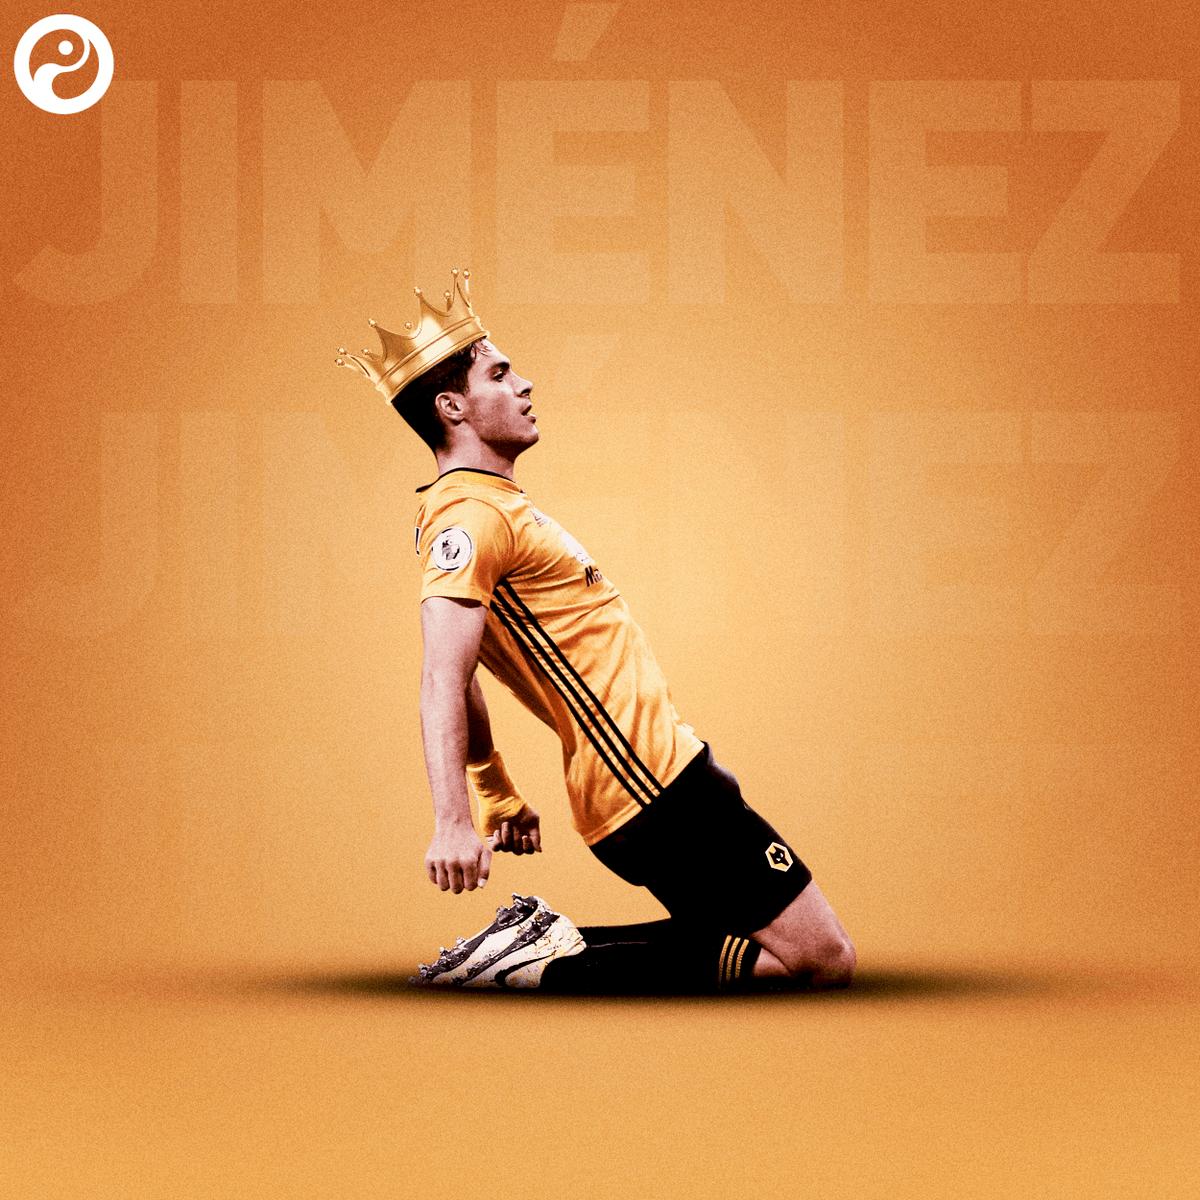 希门尼斯本赛季至今已造35球,英超球员中与萨拉赫并列最多